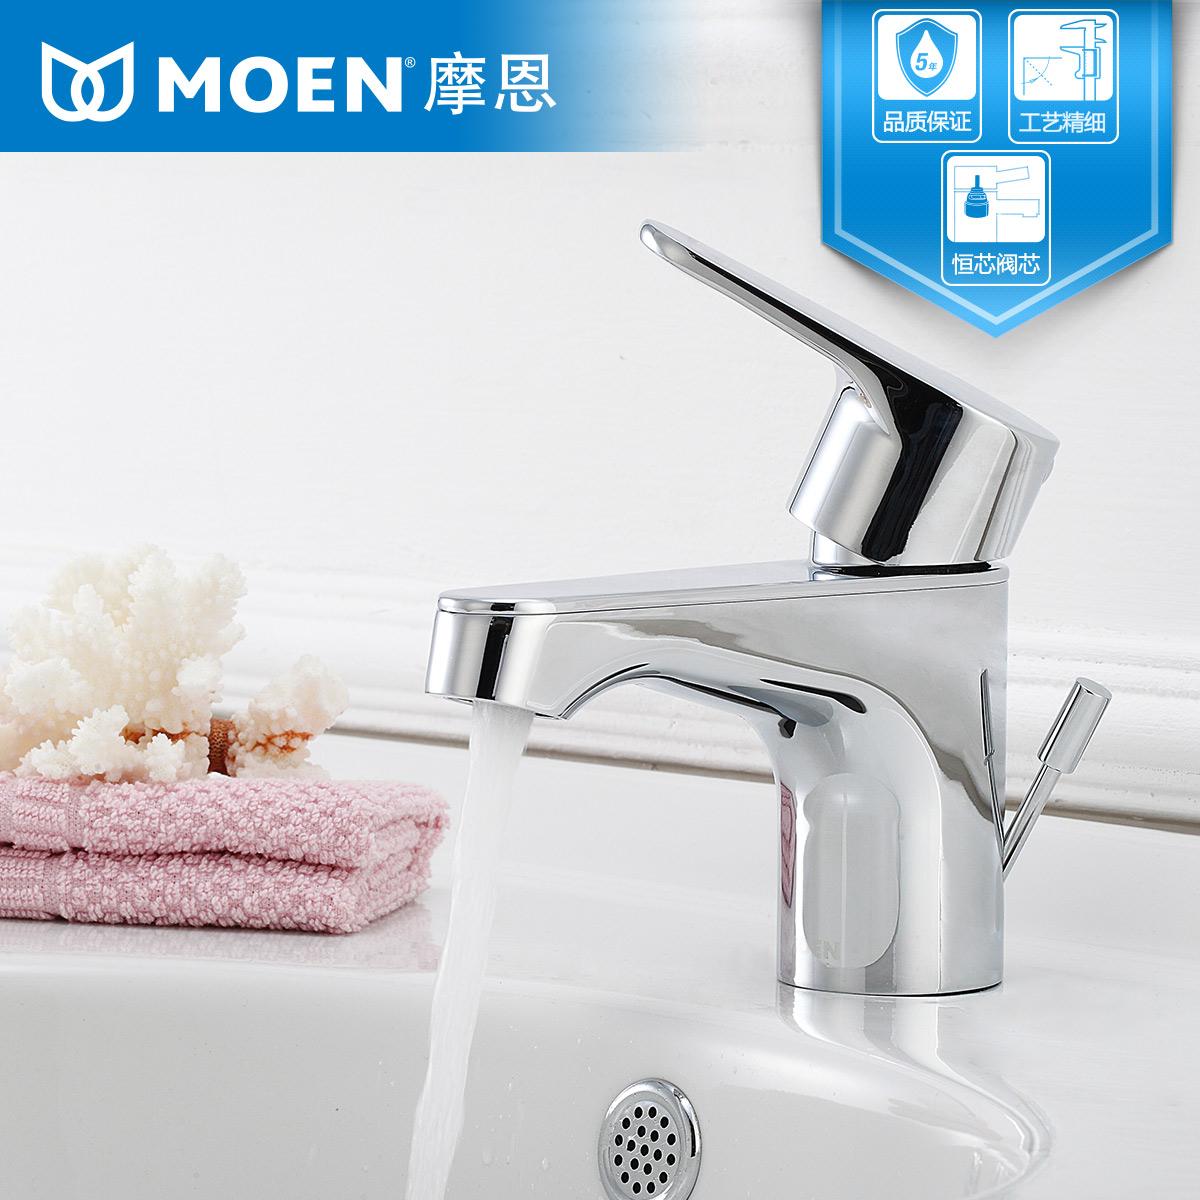 摩恩面盆龙头冷热全铜浴室洗脸盆洗手池台盆卫浴厕所水龙头 55121